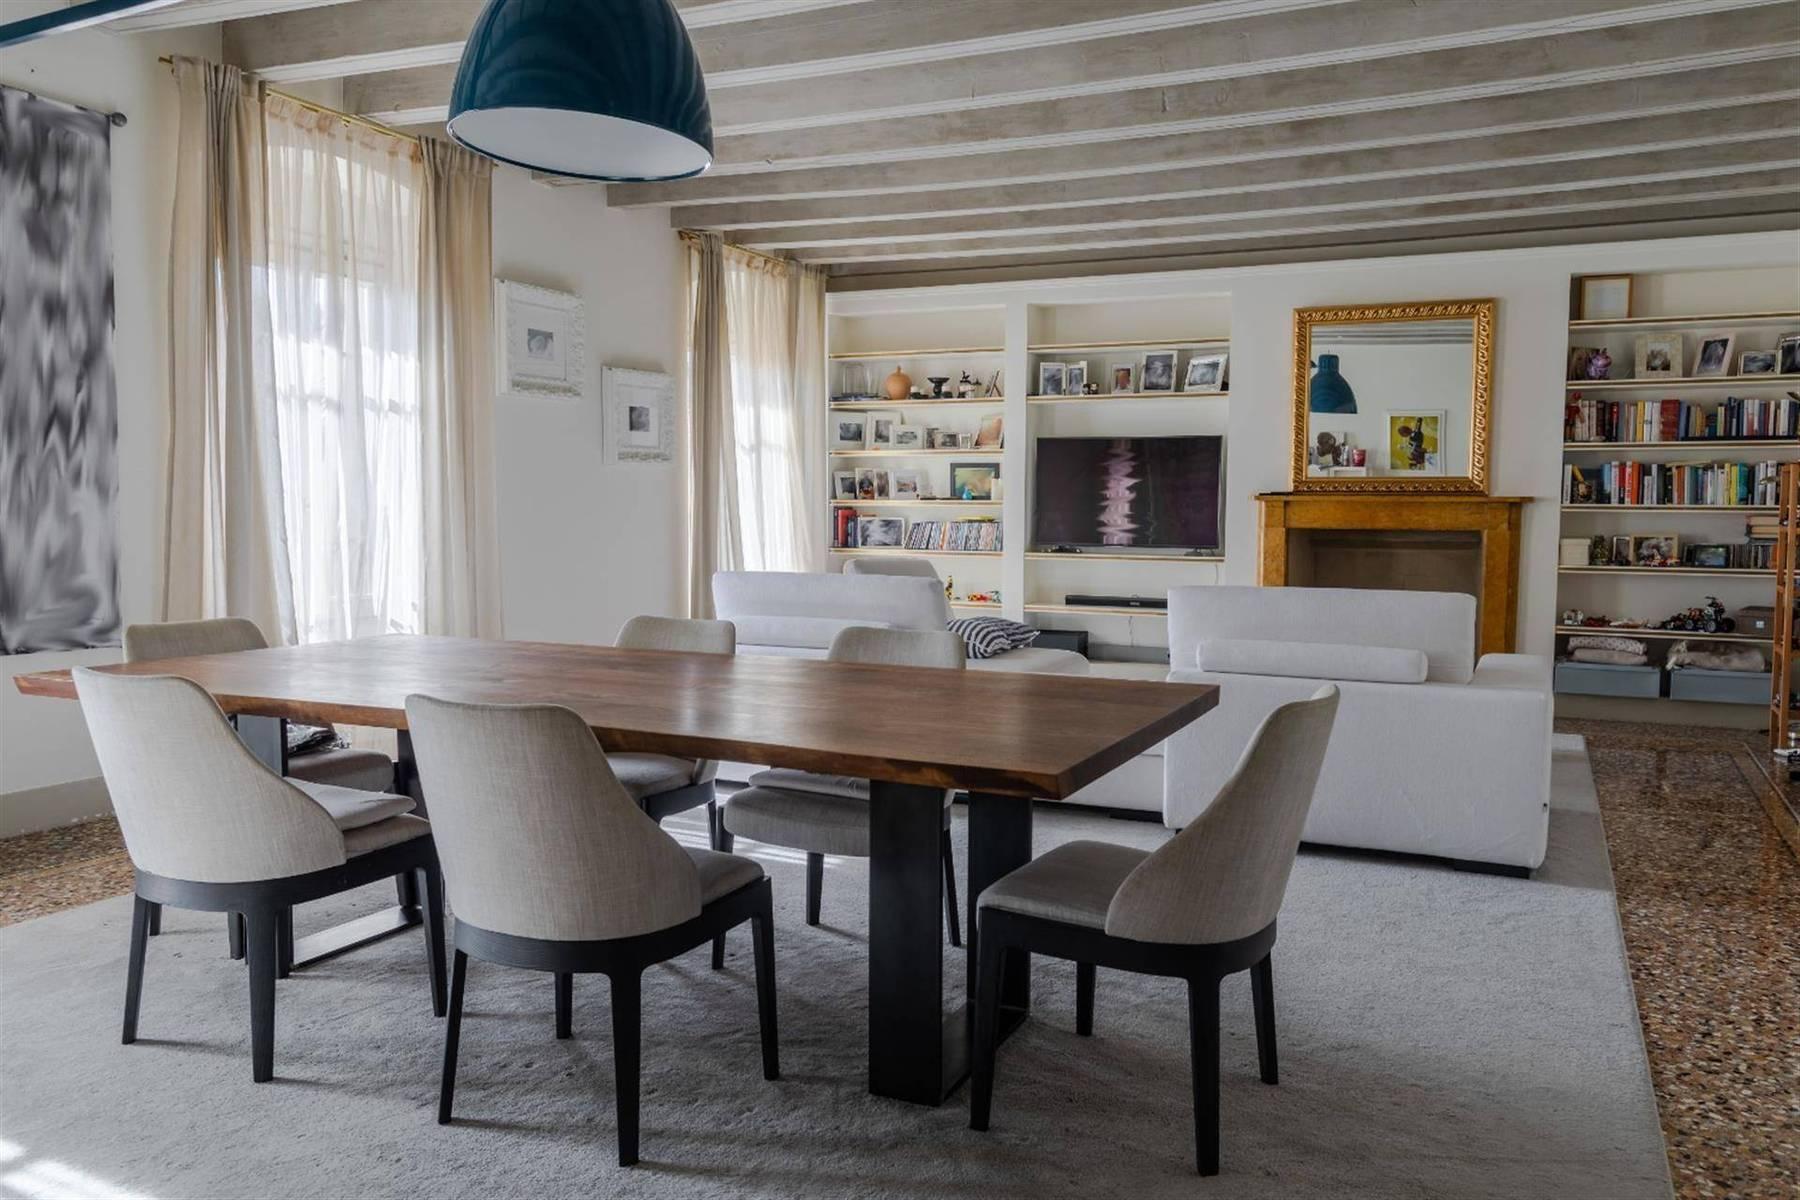 位于维罗纳(Verona)中心的典雅顶层公寓 - 2